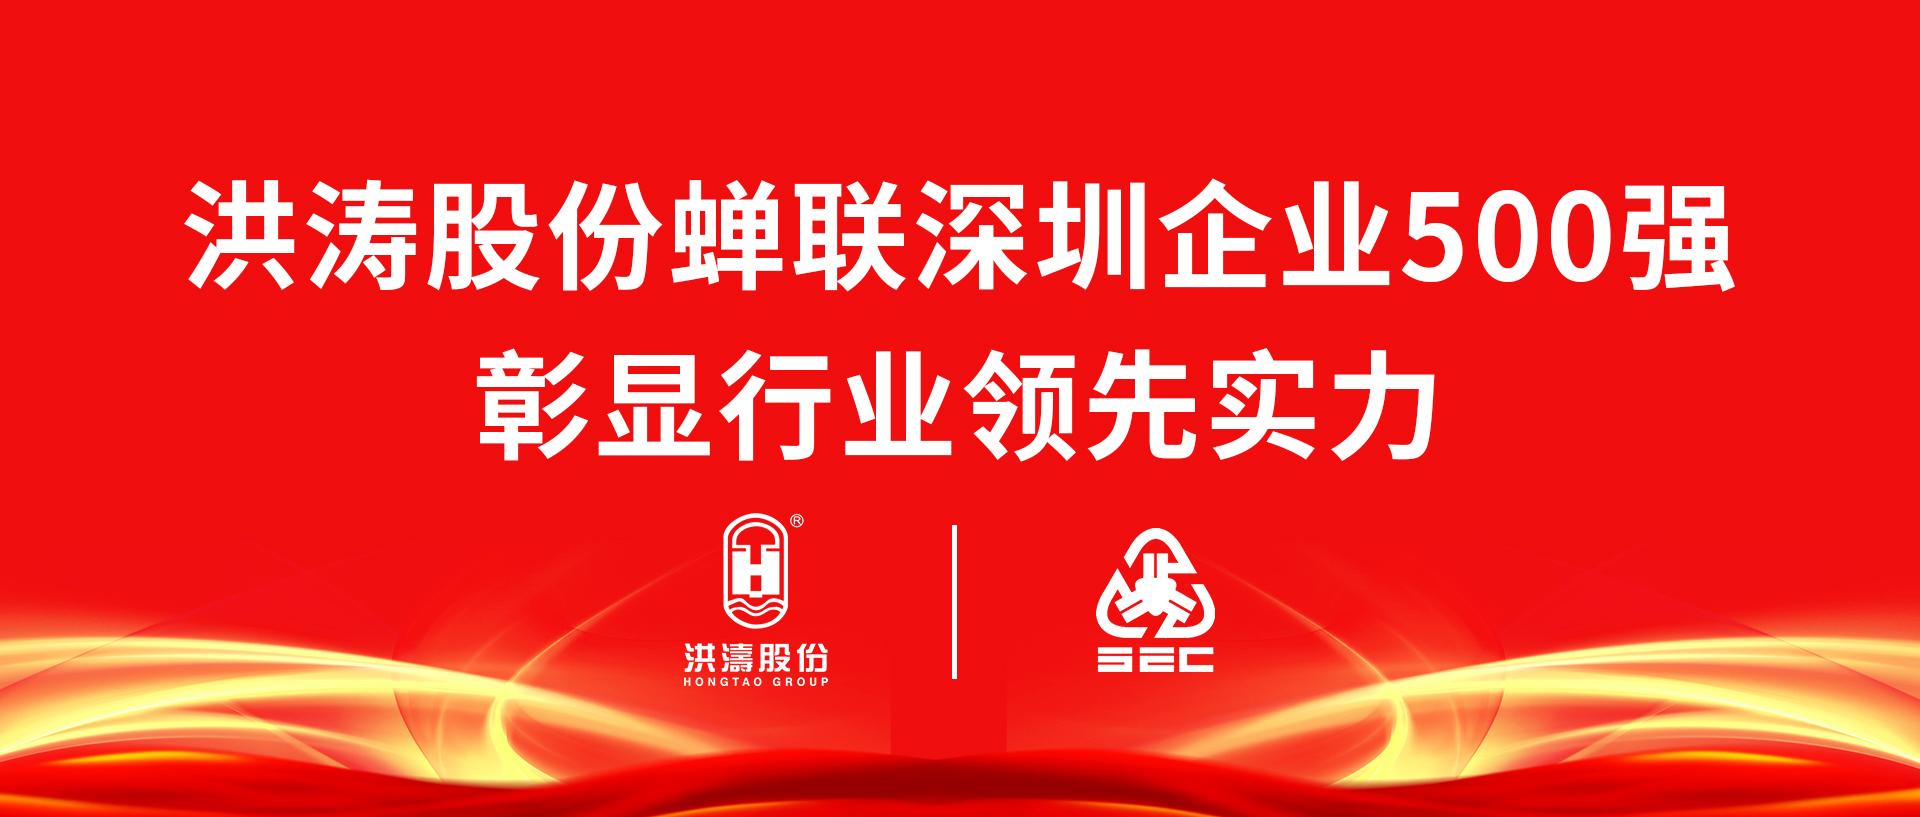 喜讯 | app下载千赢手机app下载_千亿手机版下载_千赢官方网站蝉联深圳企业500强   彰显行业领先实力